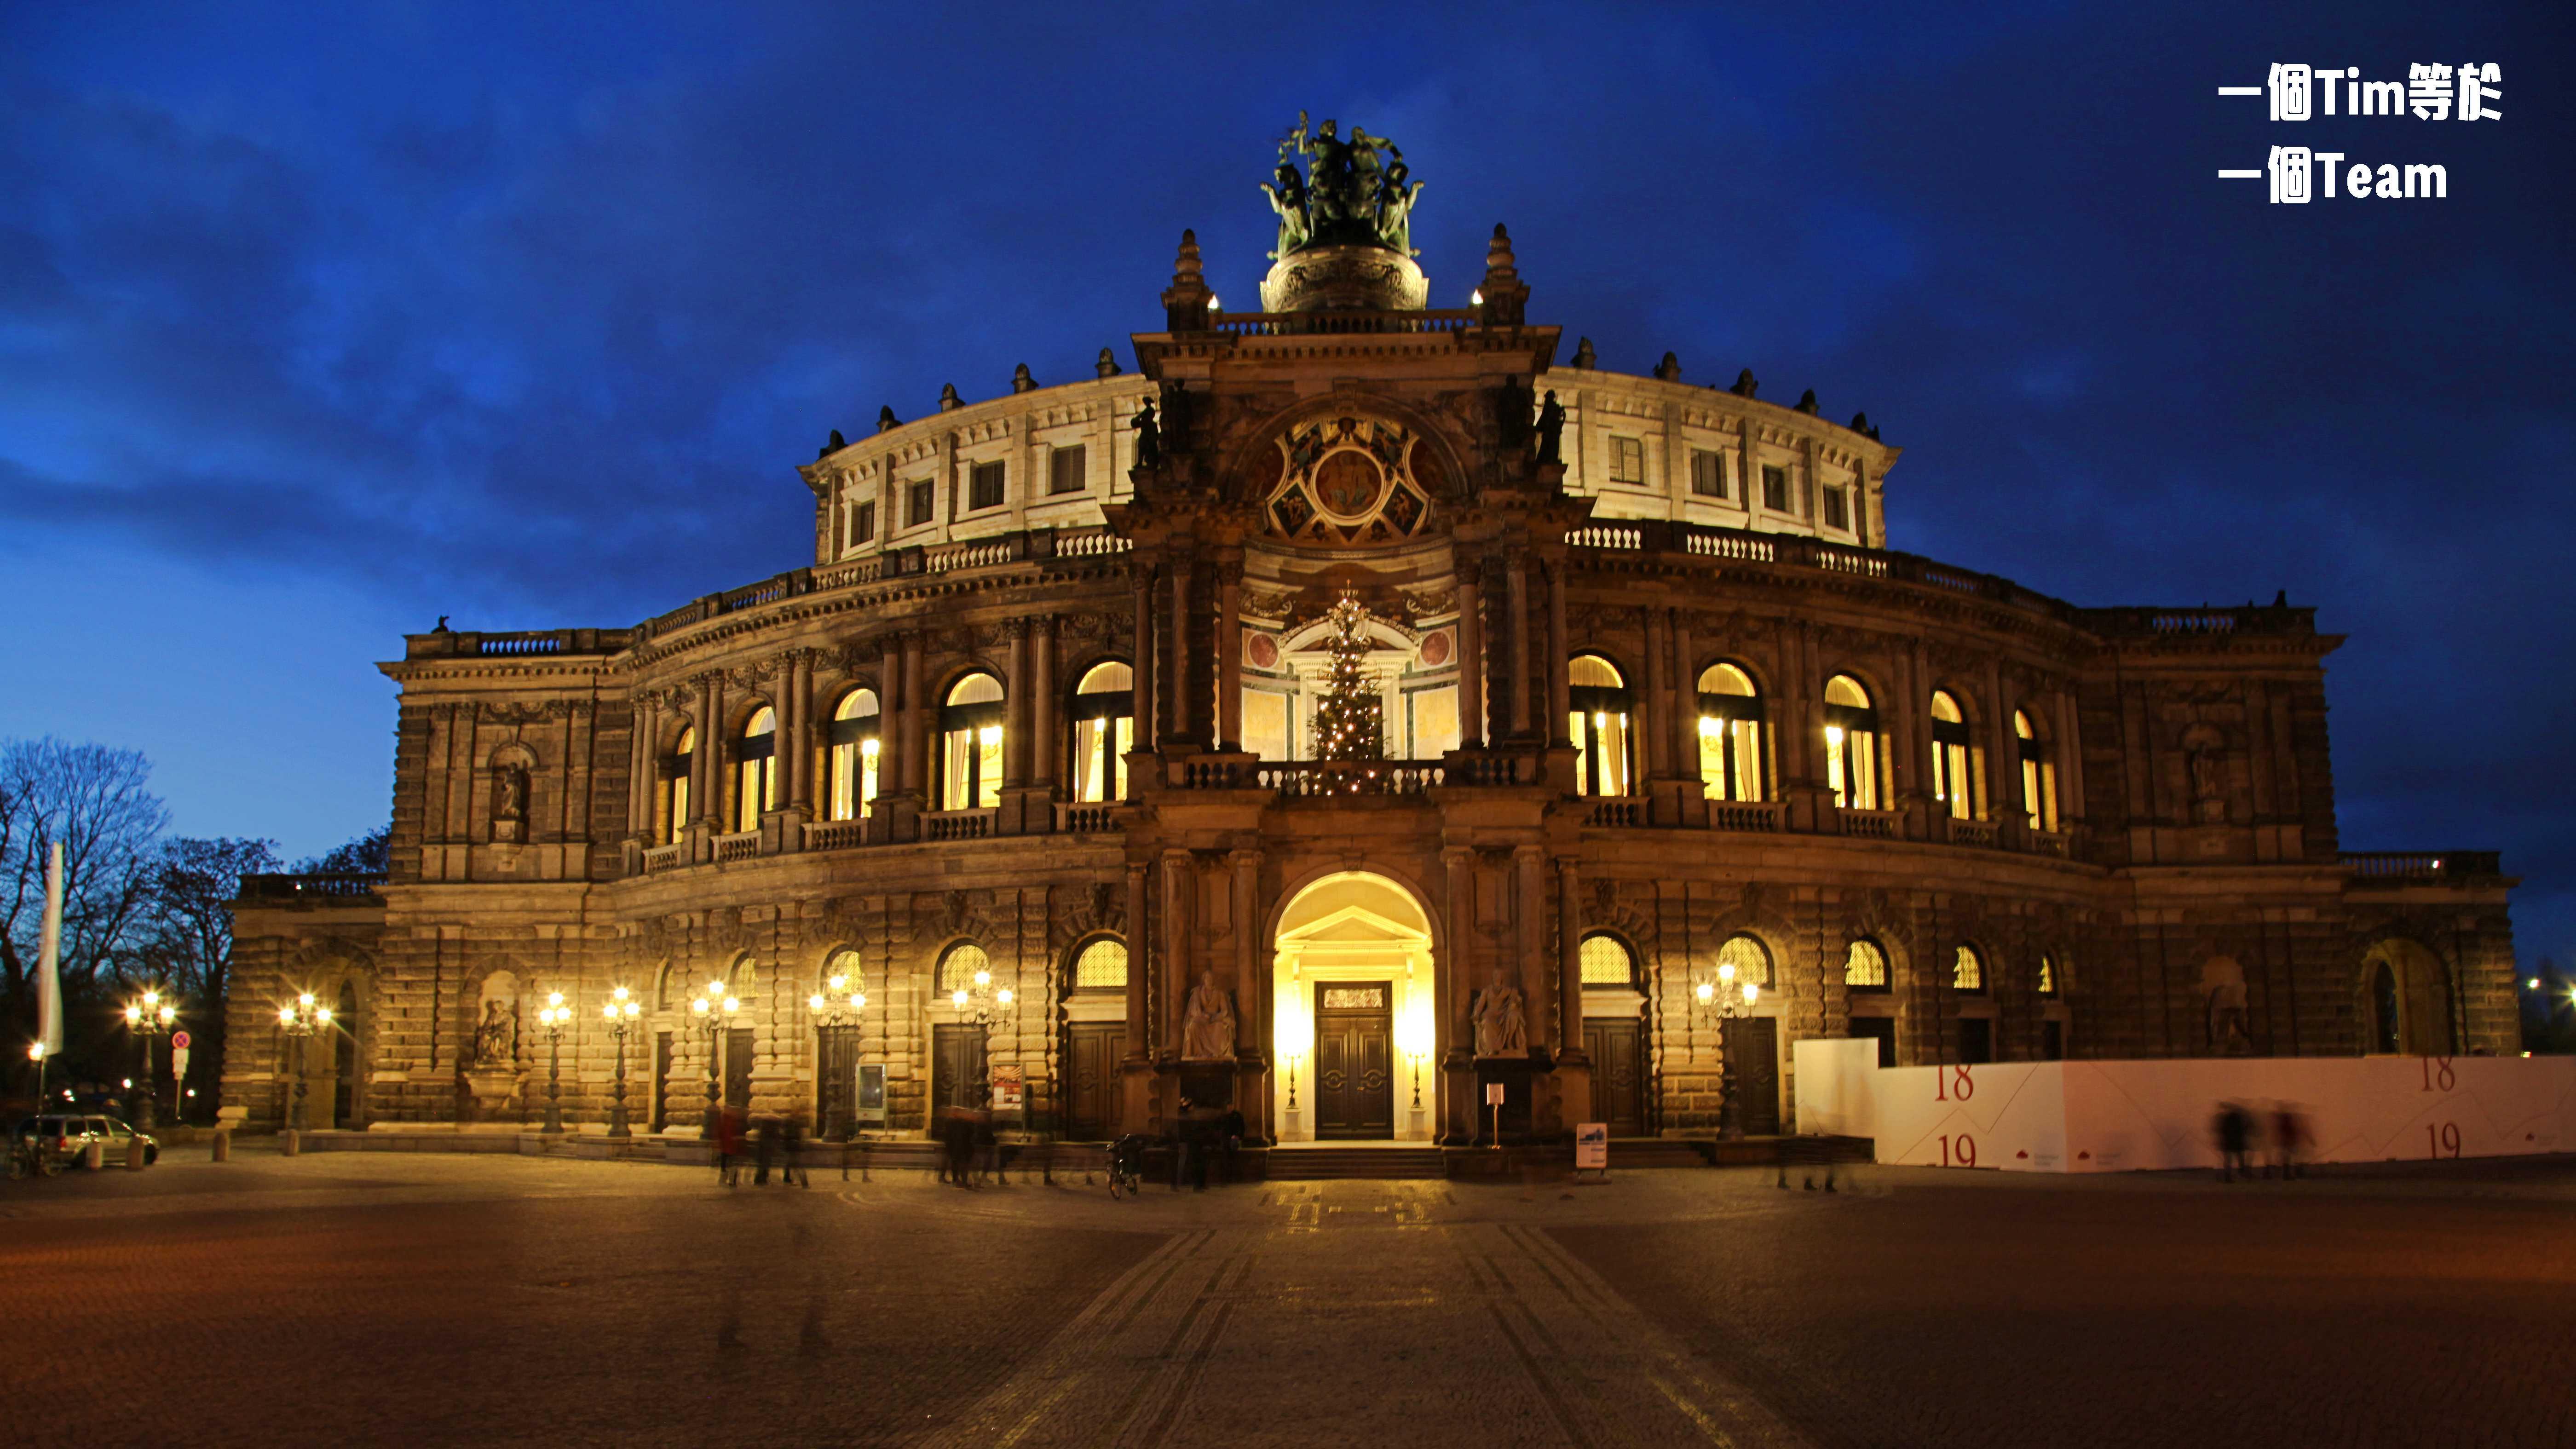 德國.德列斯登|遇見「歌劇版」提姆!浴火重生的宮廷歌劇院 《最美聲》座位僅需8歐元